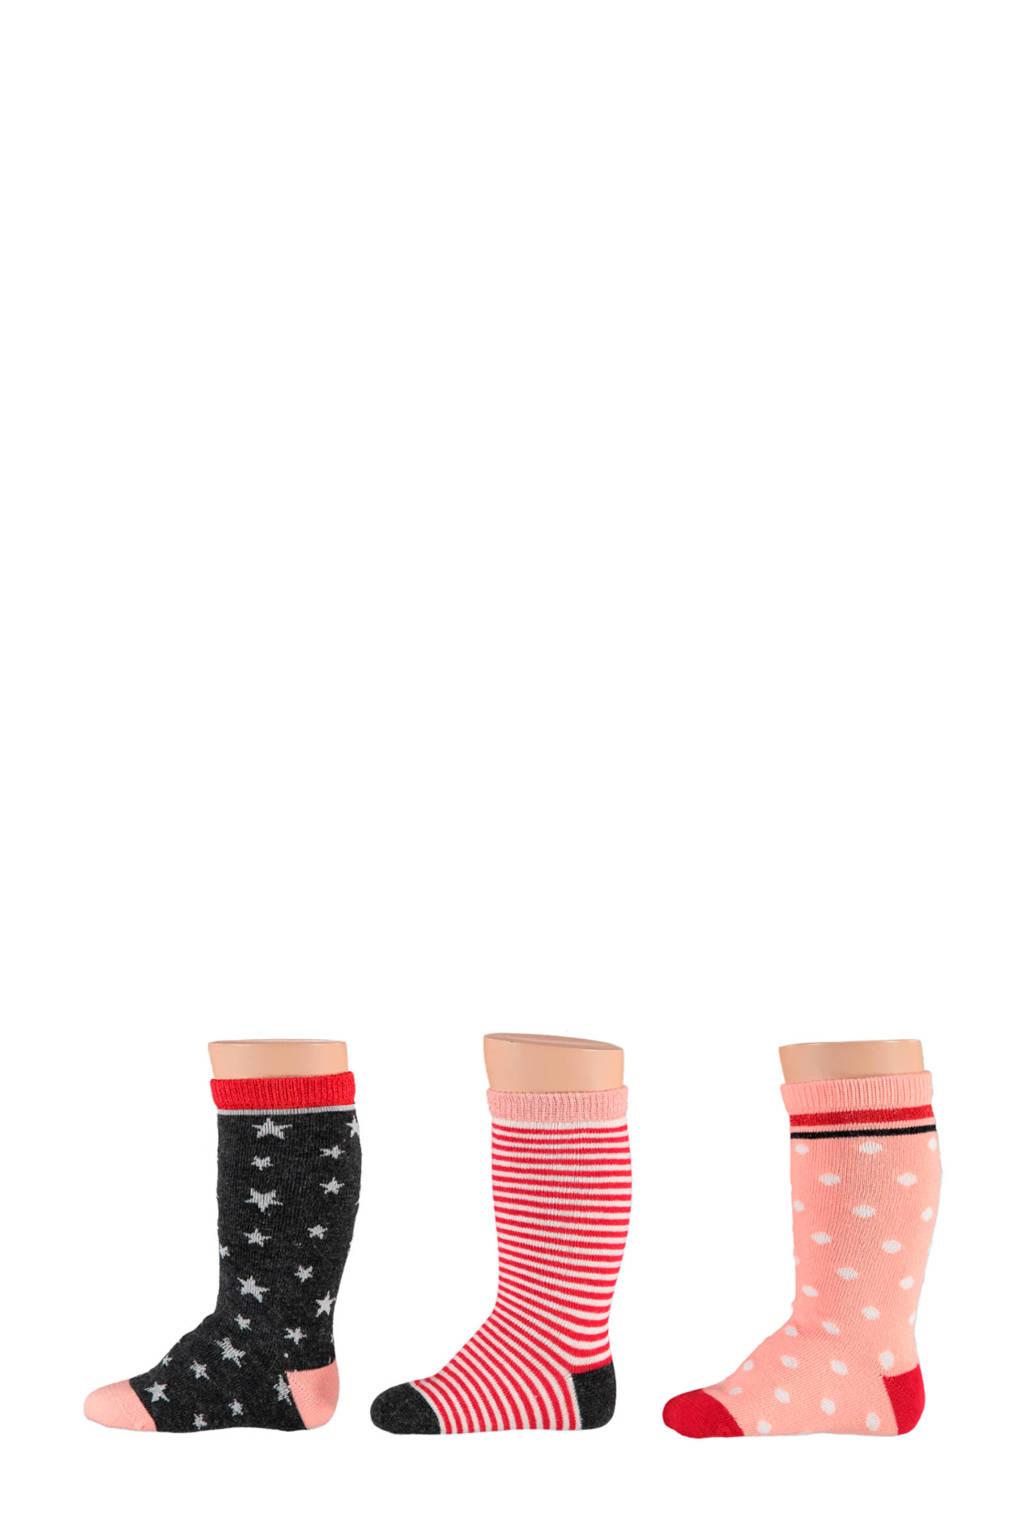 Apollo baby kniekousen ( 3 paar), Rood/zwart/wit